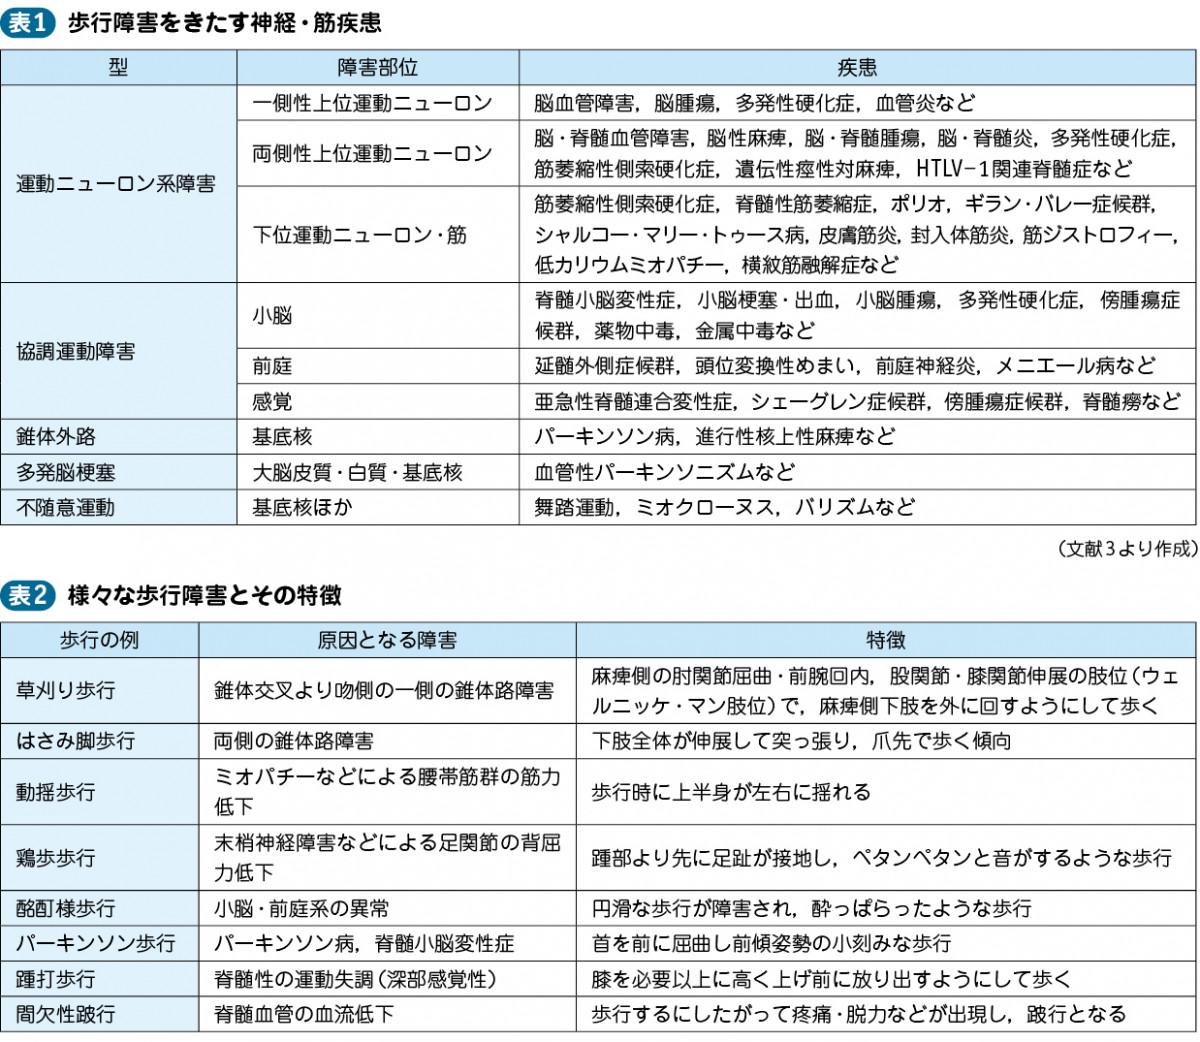 01_14_歩行障害・運動失調